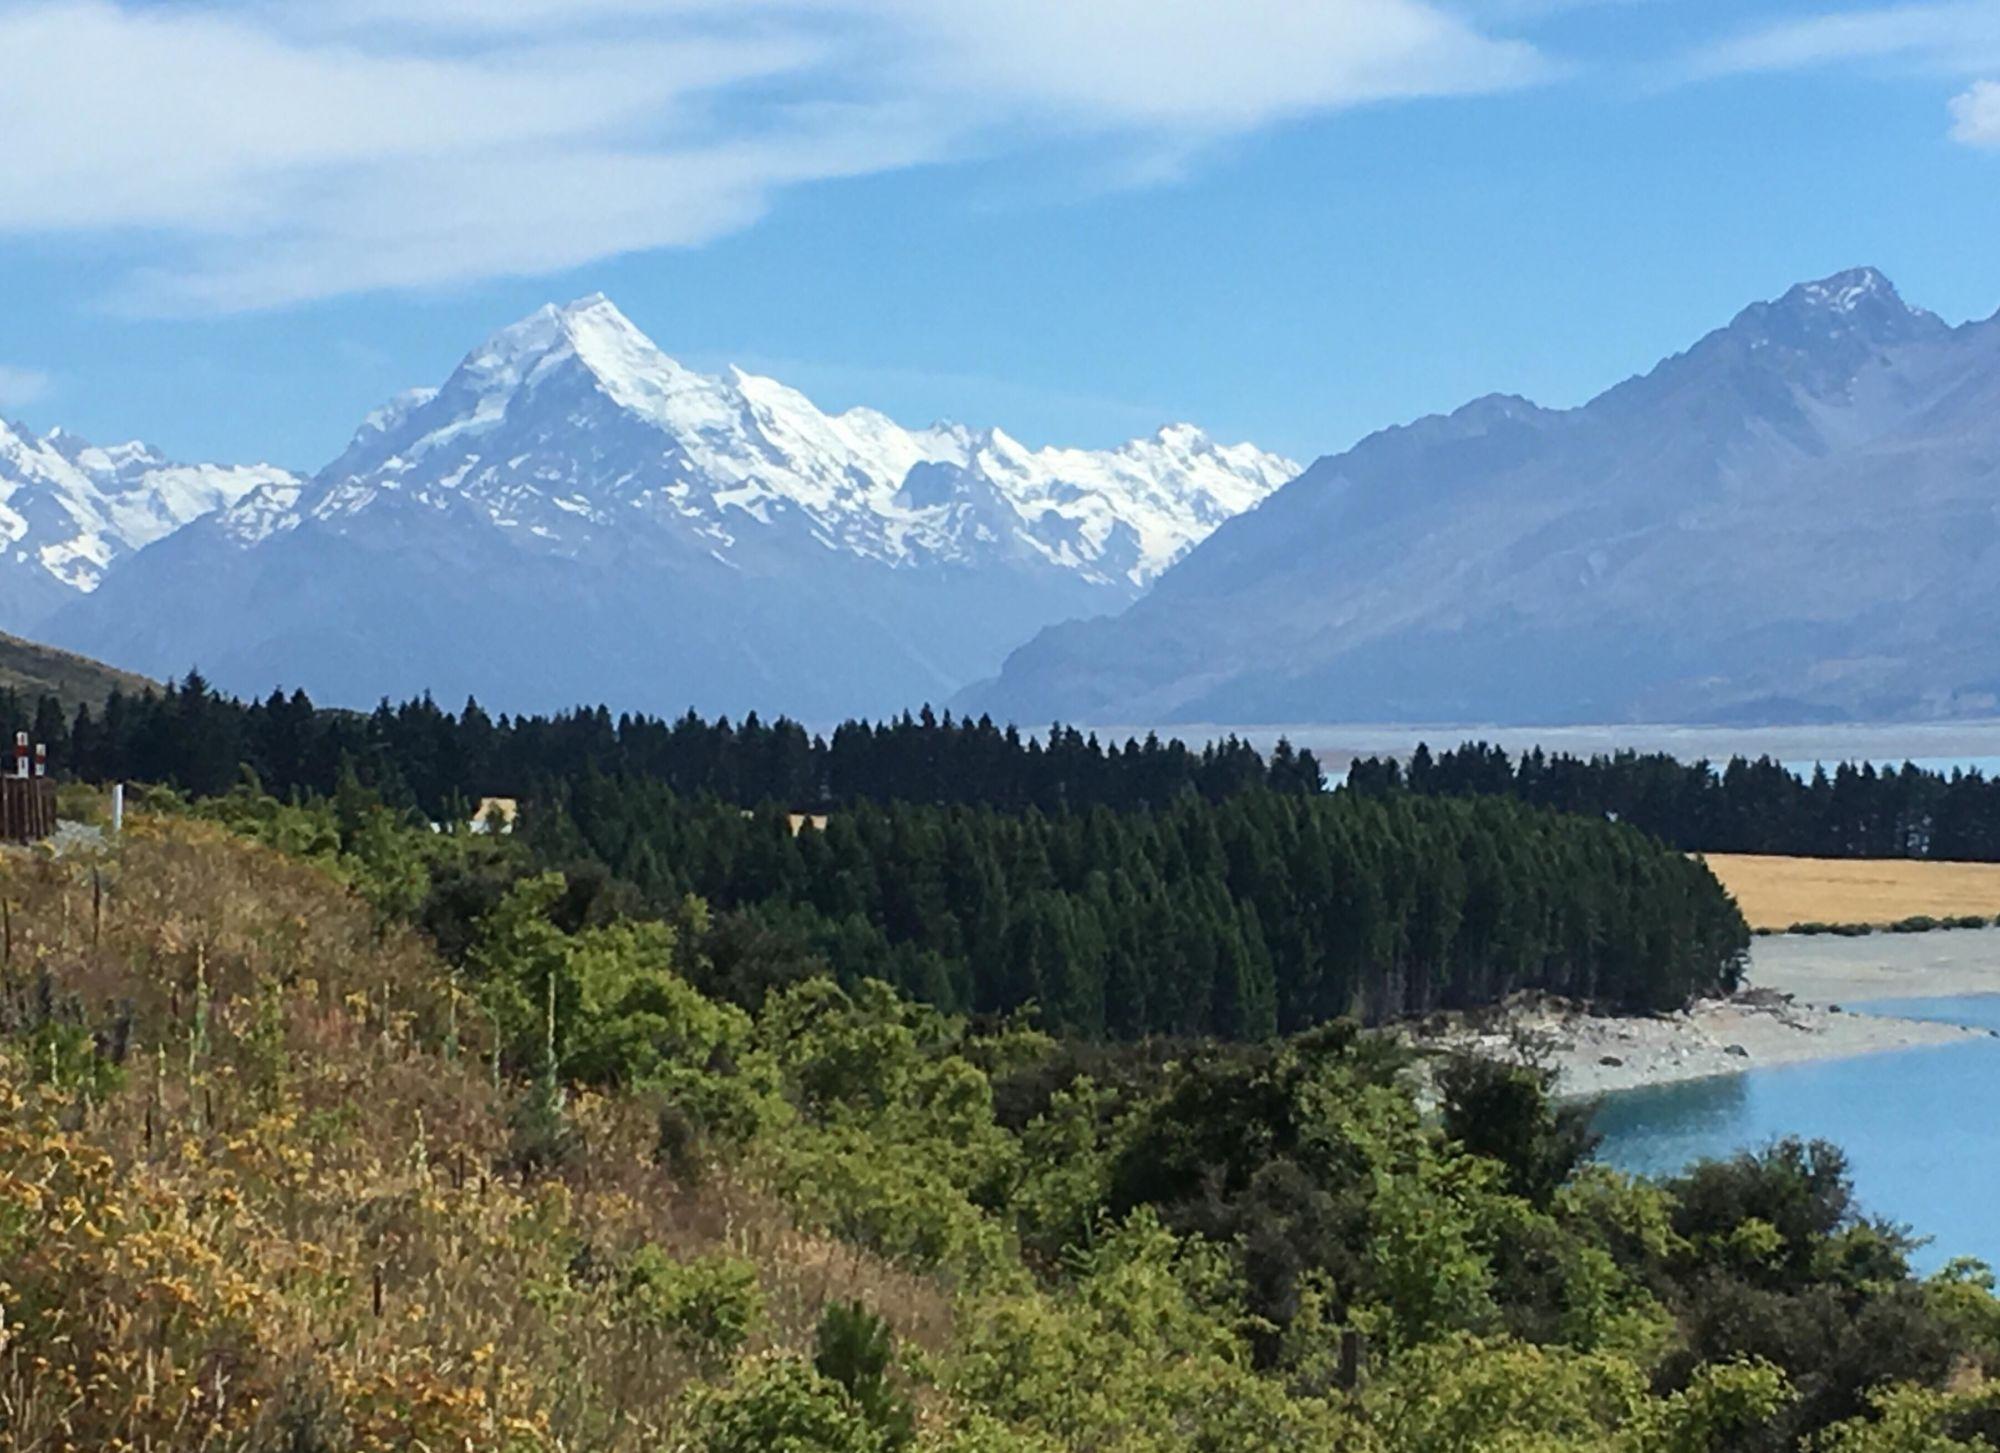 Nový Zéland: Pohled na nejvyšší horu Mount Cook